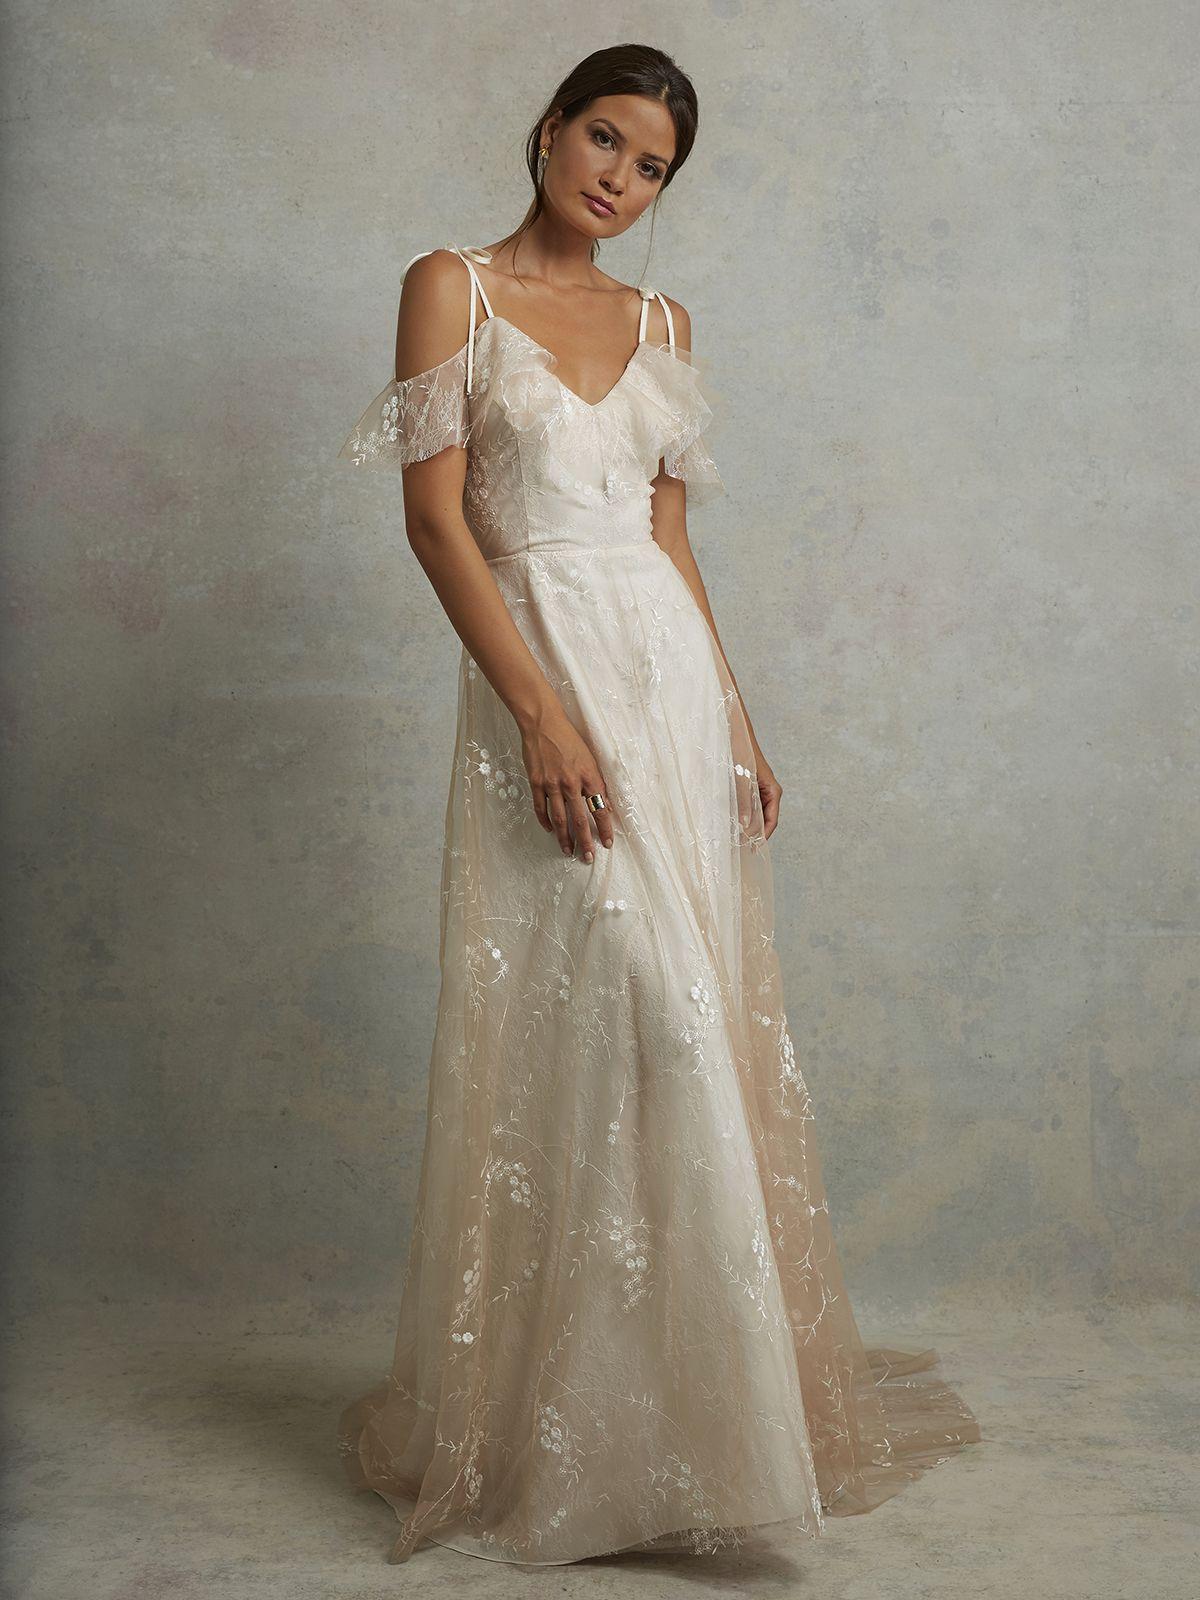 2e60930fa0e7 Tare Lauren - Bridal Dresses and Gowns | Archive Bridal